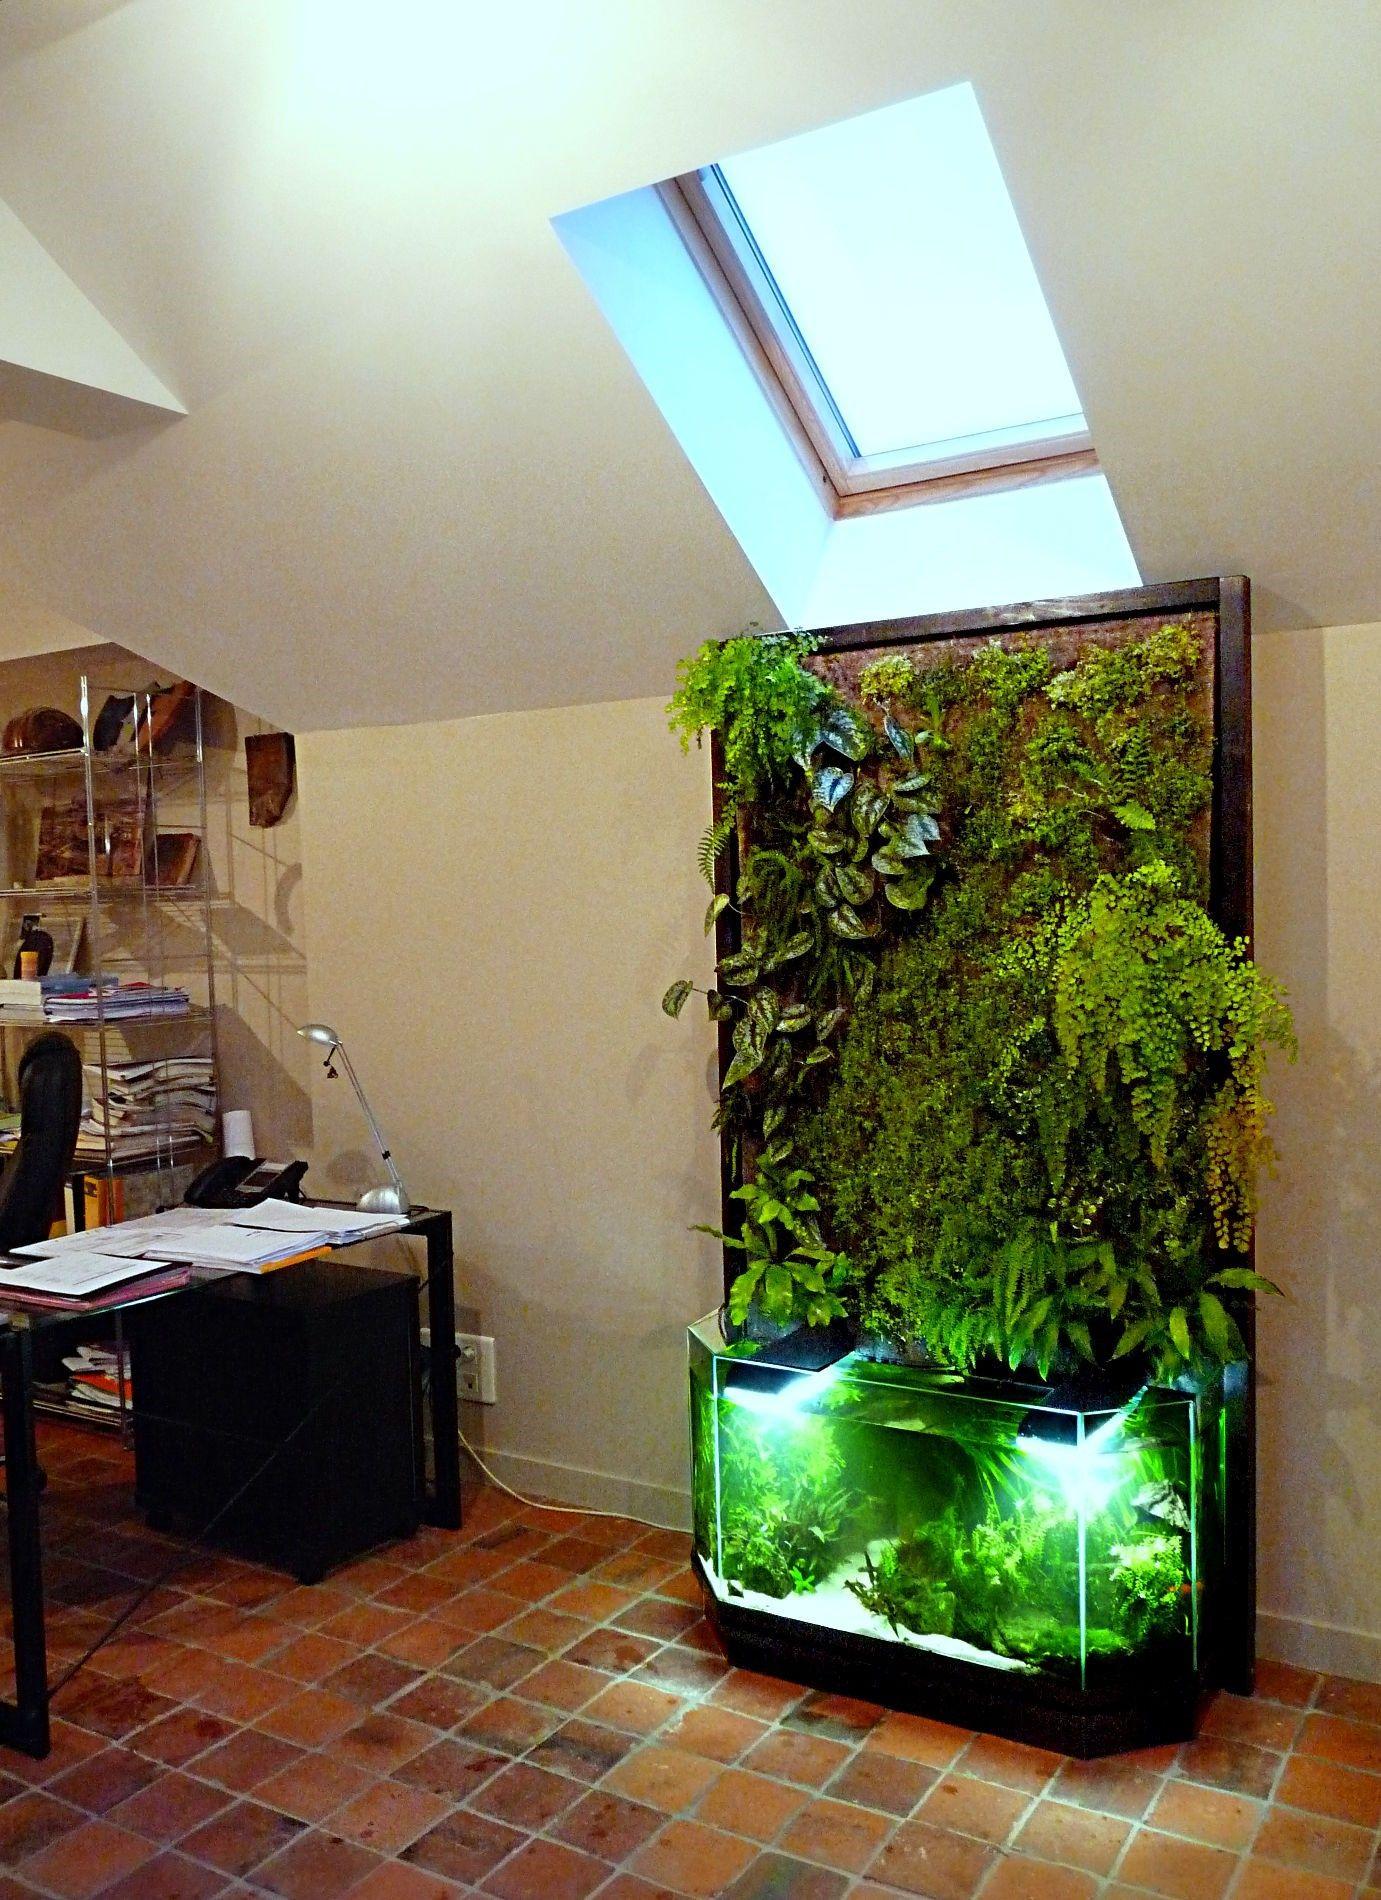 Aquaponics mur végétal intérieur en aquaponie plus breakthrough